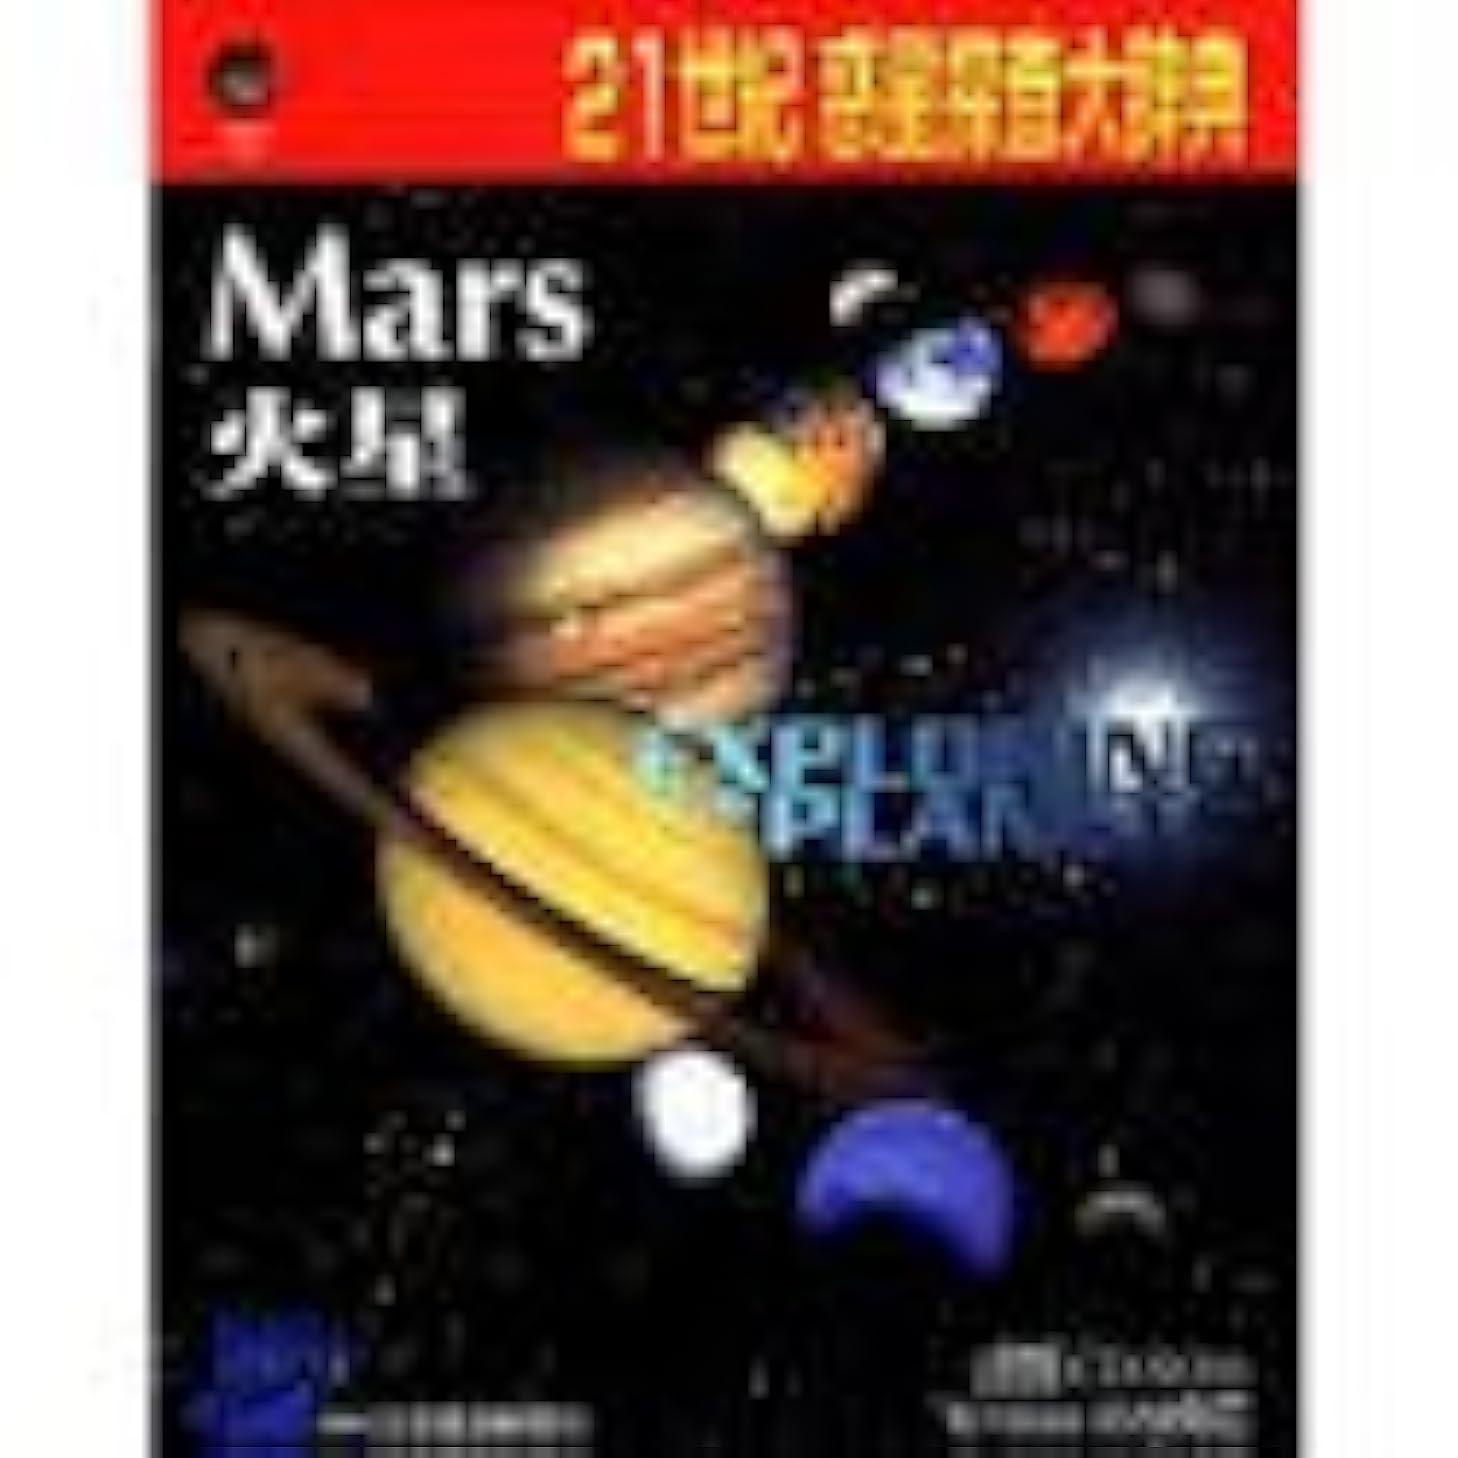 入力論文名詞21世紀 惑星探査大辞典 火星